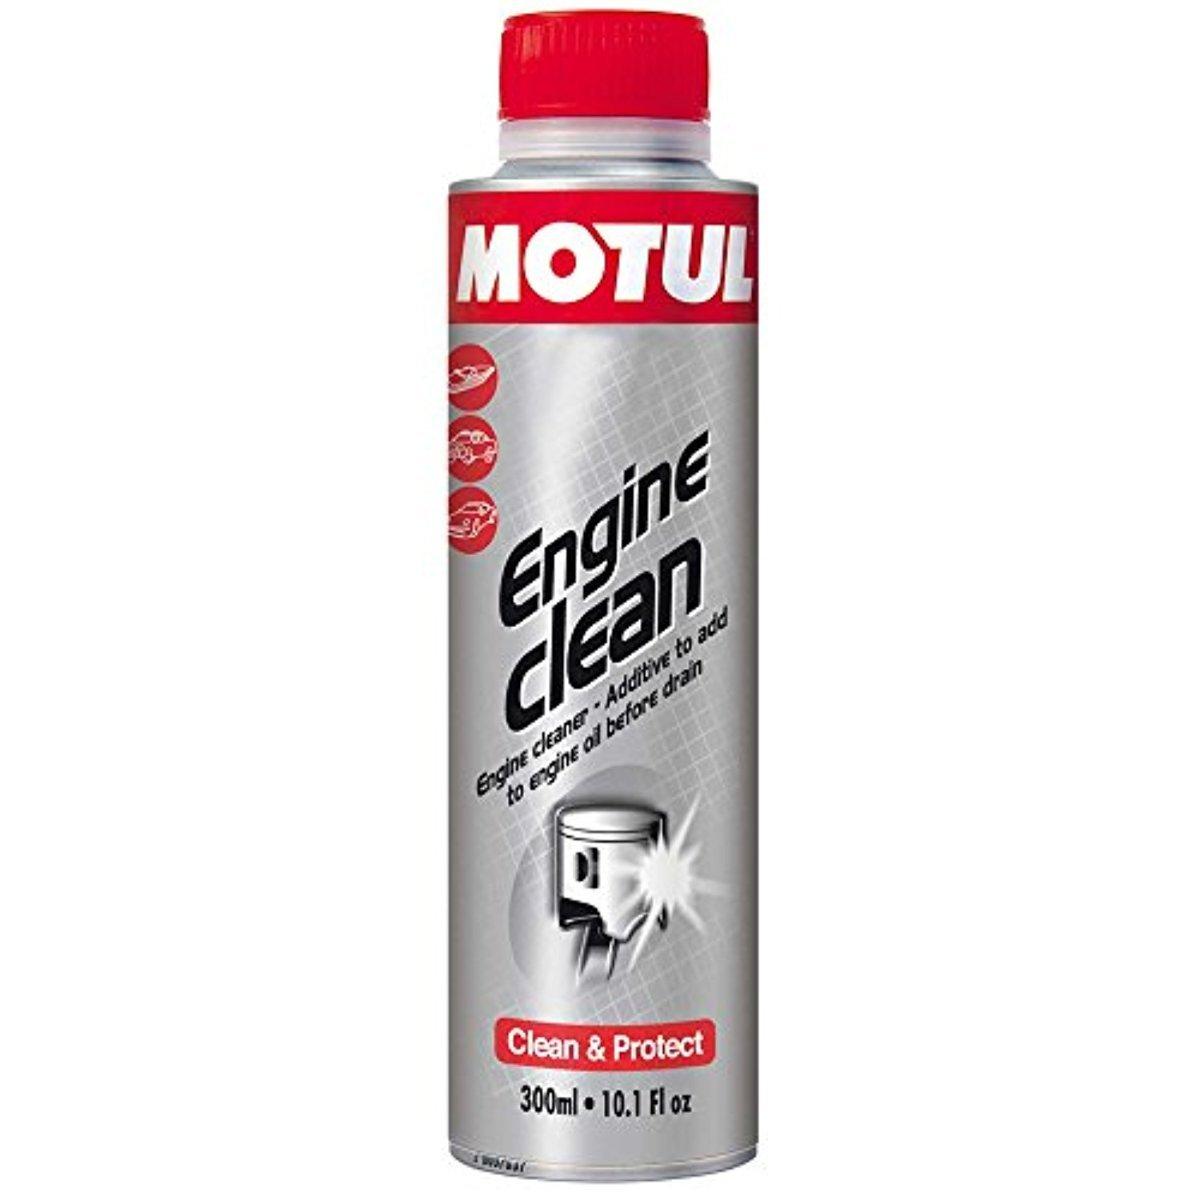 Motul, detergente per la pulizia dei motori Engine Clean Auto 104975/74 300 ml